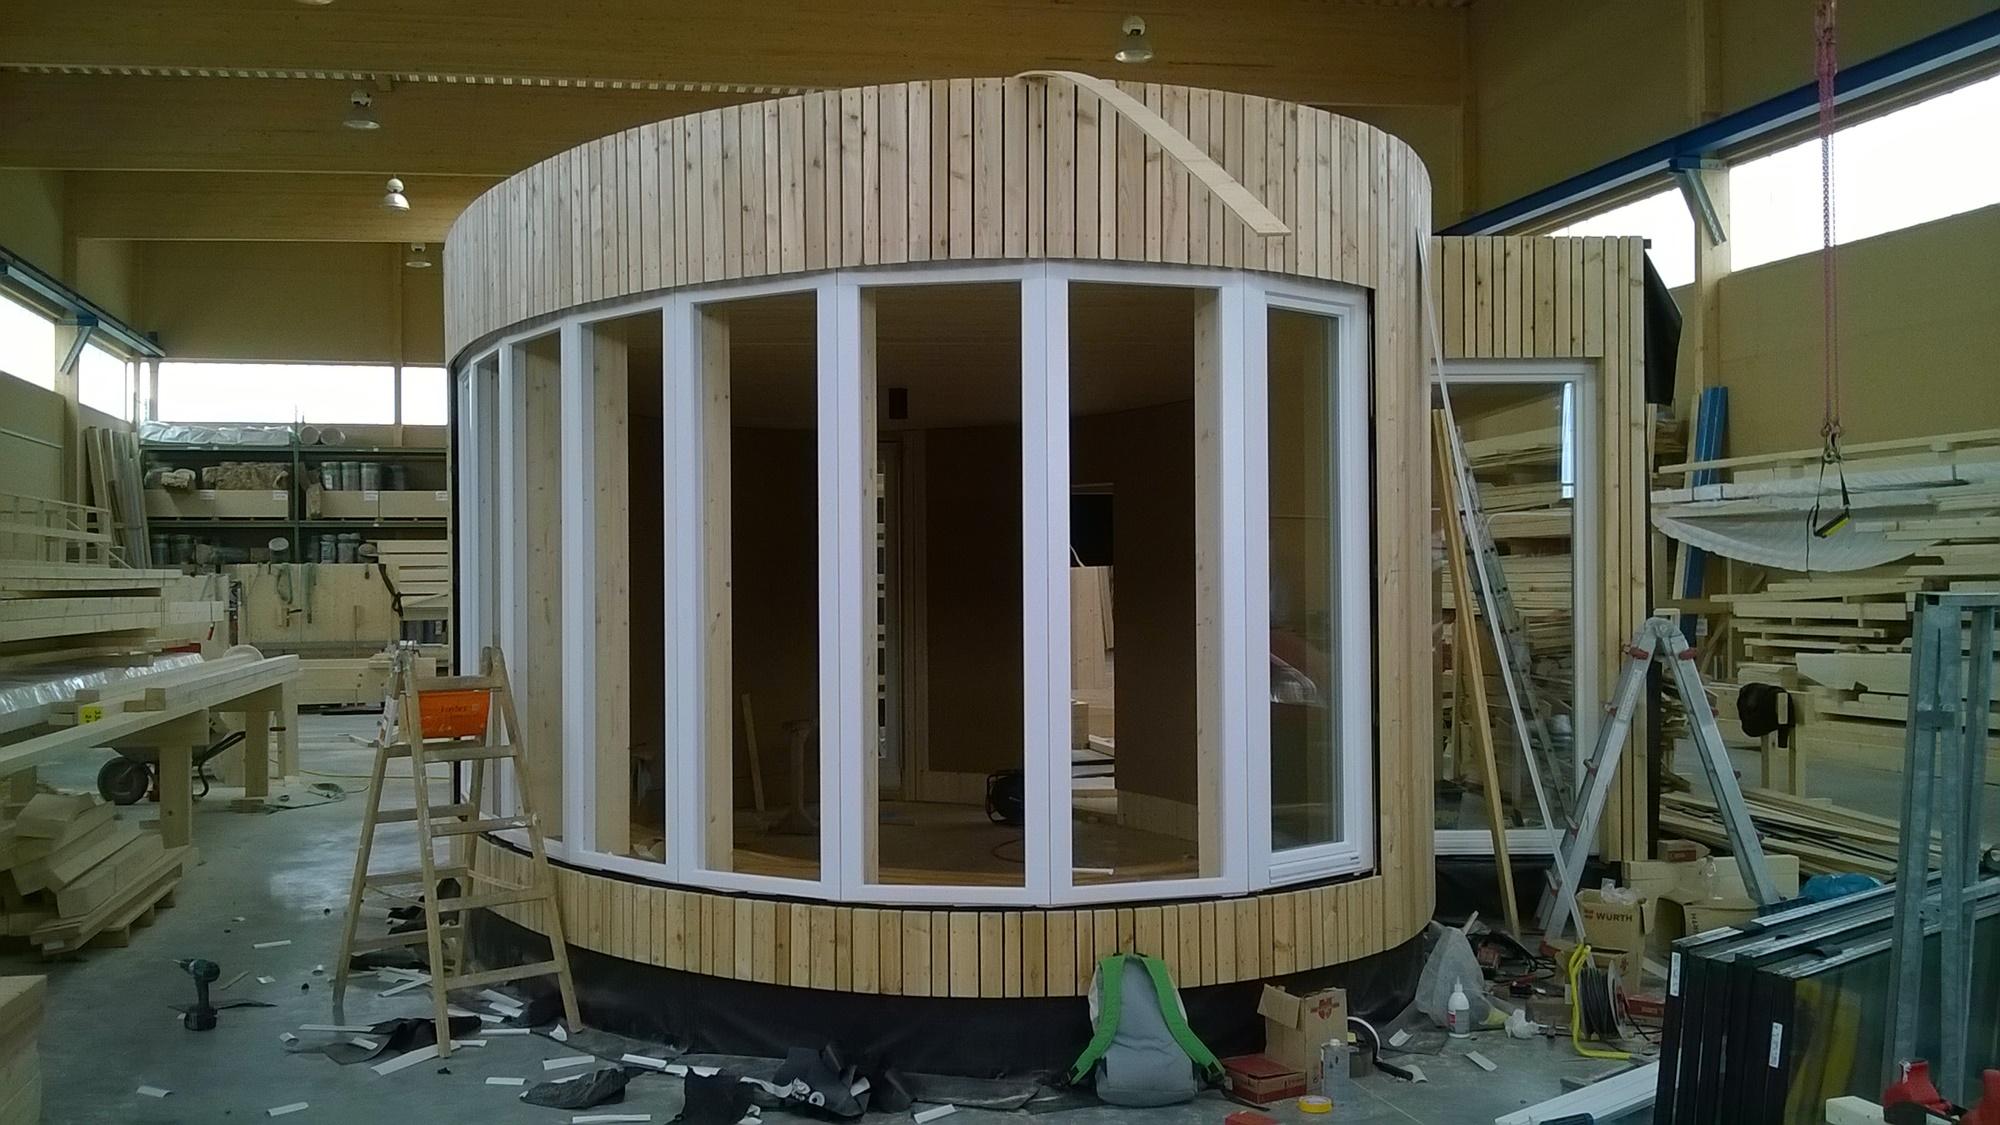 der Anbau mit Holzverschalung und Fenstern